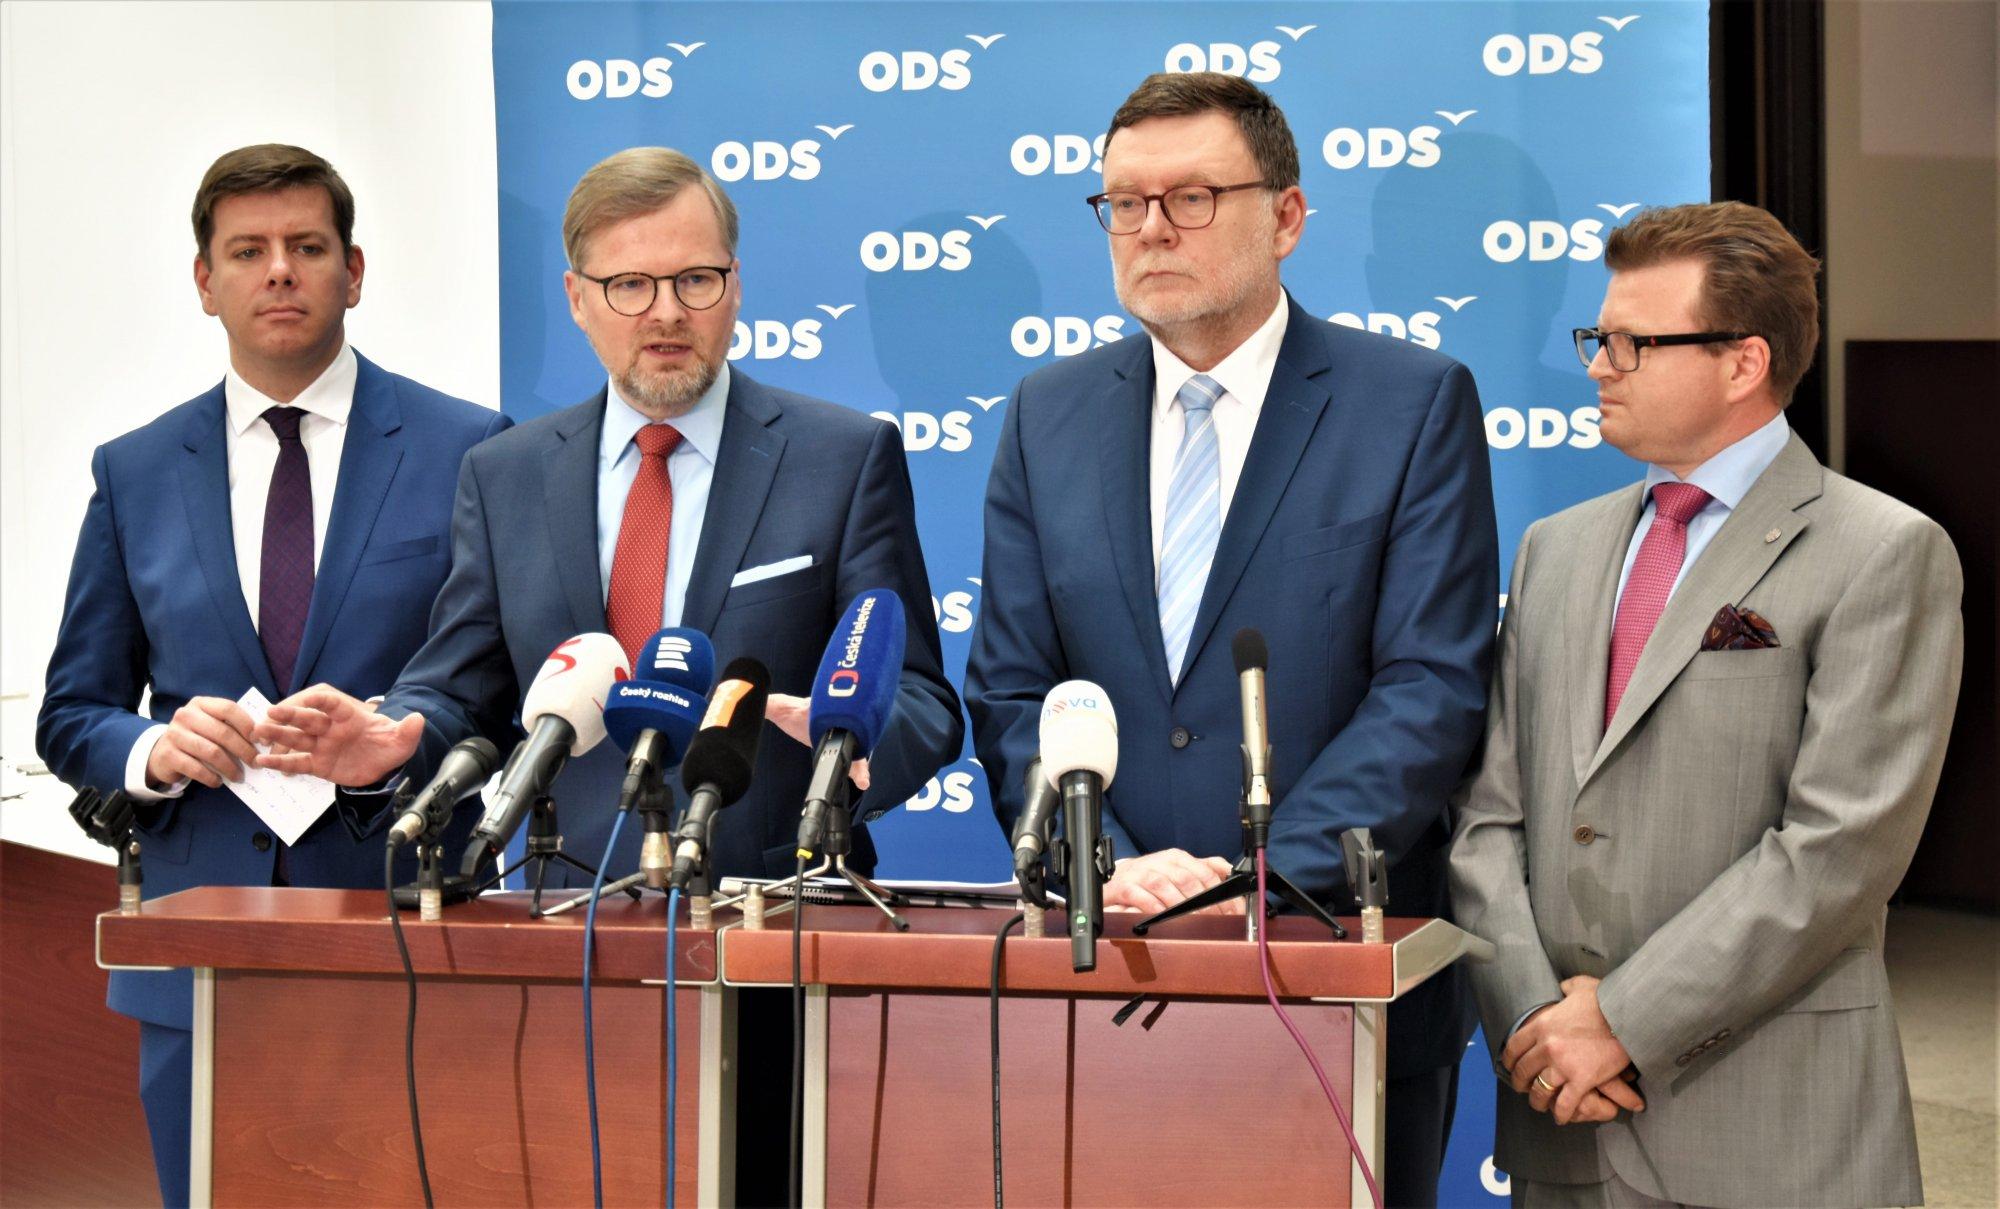 ODS: Bijme na poplach k záchraně OSVČ, jinak jim zazvoní umíráček!